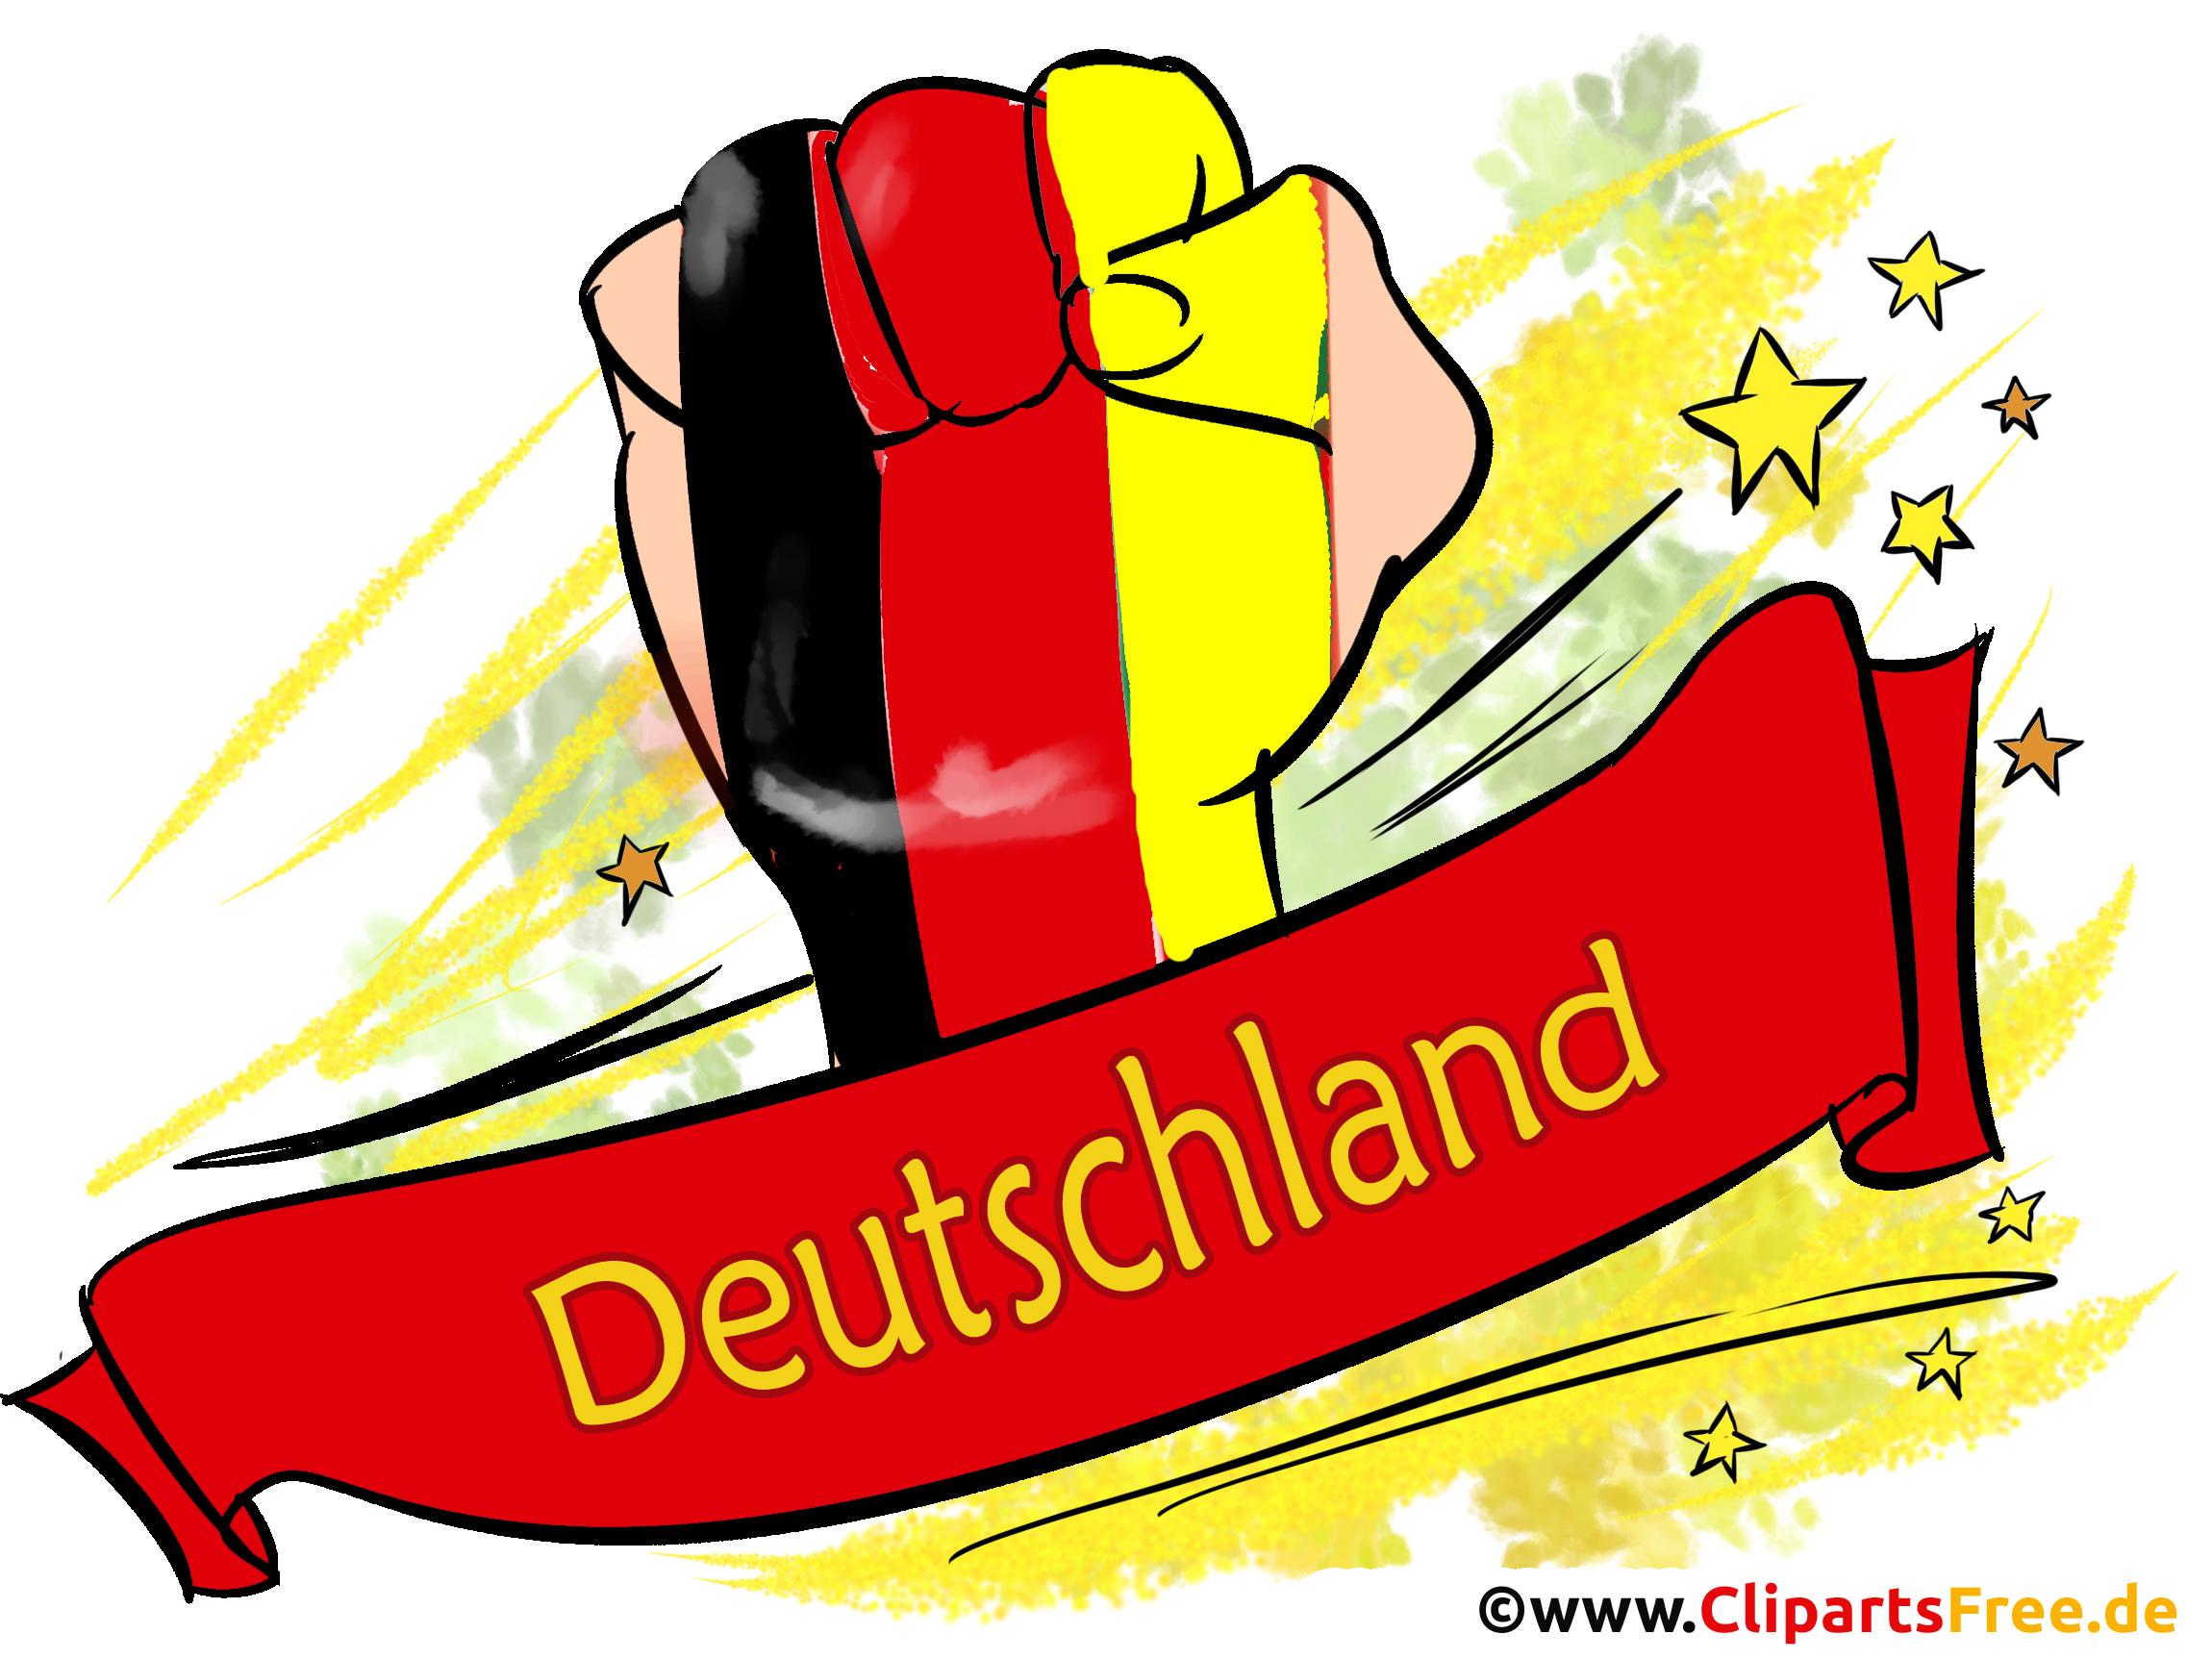 Deutschlland Plakat in Hochauflösung zum Drucken